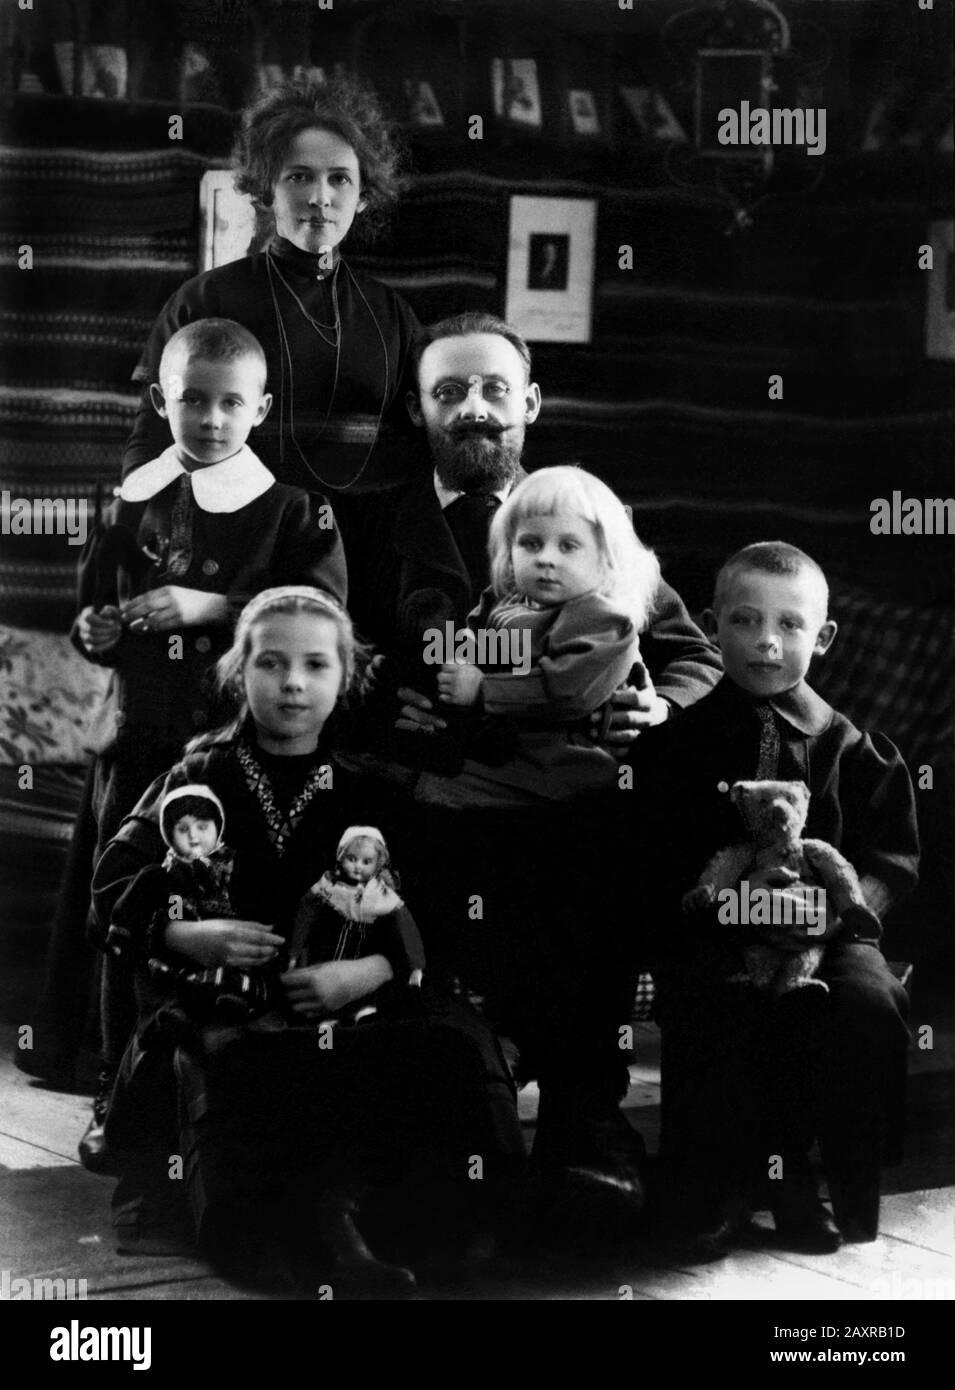 1900 CA ,Storgarden , Brunnsvik en el lago Vasman, LUDVIKA, SUECIA : el escritor sueco y político socialdemócrata Doctor KARL-ERIK FORSSLUND ( 1872 - 1941 ) con la esposa FEJAN en casa con los cuatro hijos: Marjo , JORAN , KARL-HERMAN y MAJA . - LETTERATO - SCRITTORE - LETTERATURA - Literatura - occhiali da vista - lente - foto gruppo di FAMIGLIA - FAMILIA - barba - barba - SVEZIA - juguetes - juguete - giocattolo - giocattoli - Oso de Teddy - orsachiotto - figli - higlio - figlia - hija - hijo - fratelli - hermanos - moglie - mamma - madre - NATALE - NAVIDAD TIEMPO - festa natalizia - NAVIDAD - bambol Foto de stock